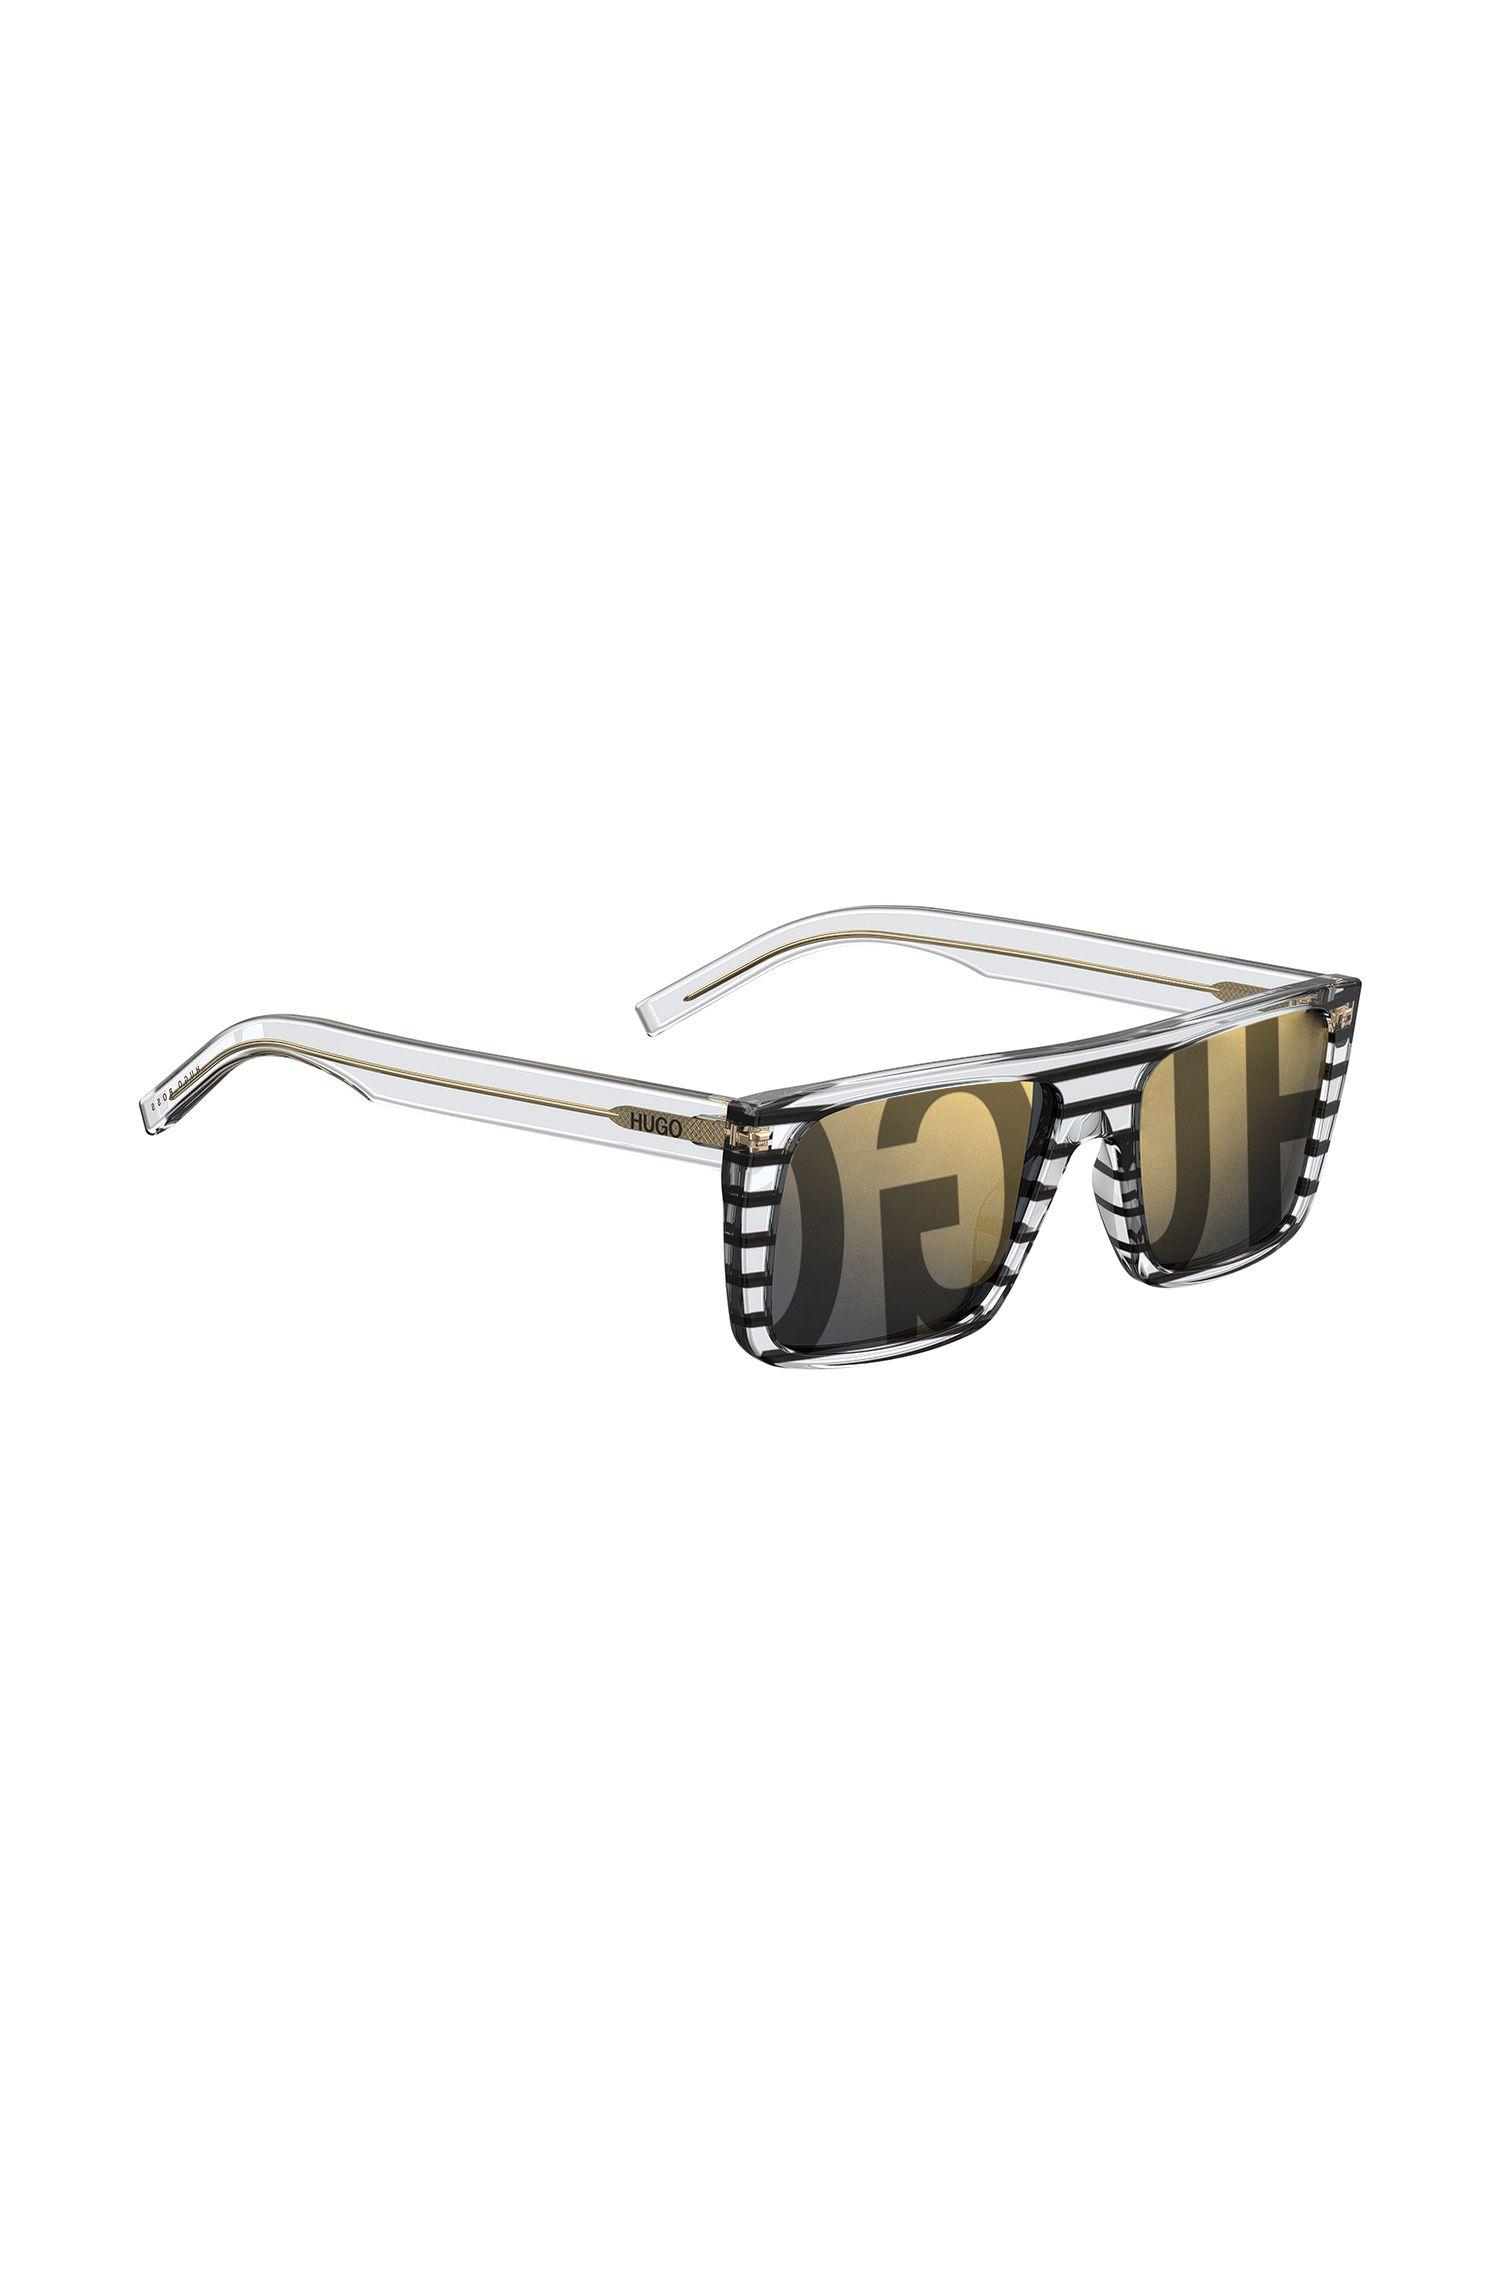 Occhiali da sole in acetato a righe con logo sulle lenti, A disegni